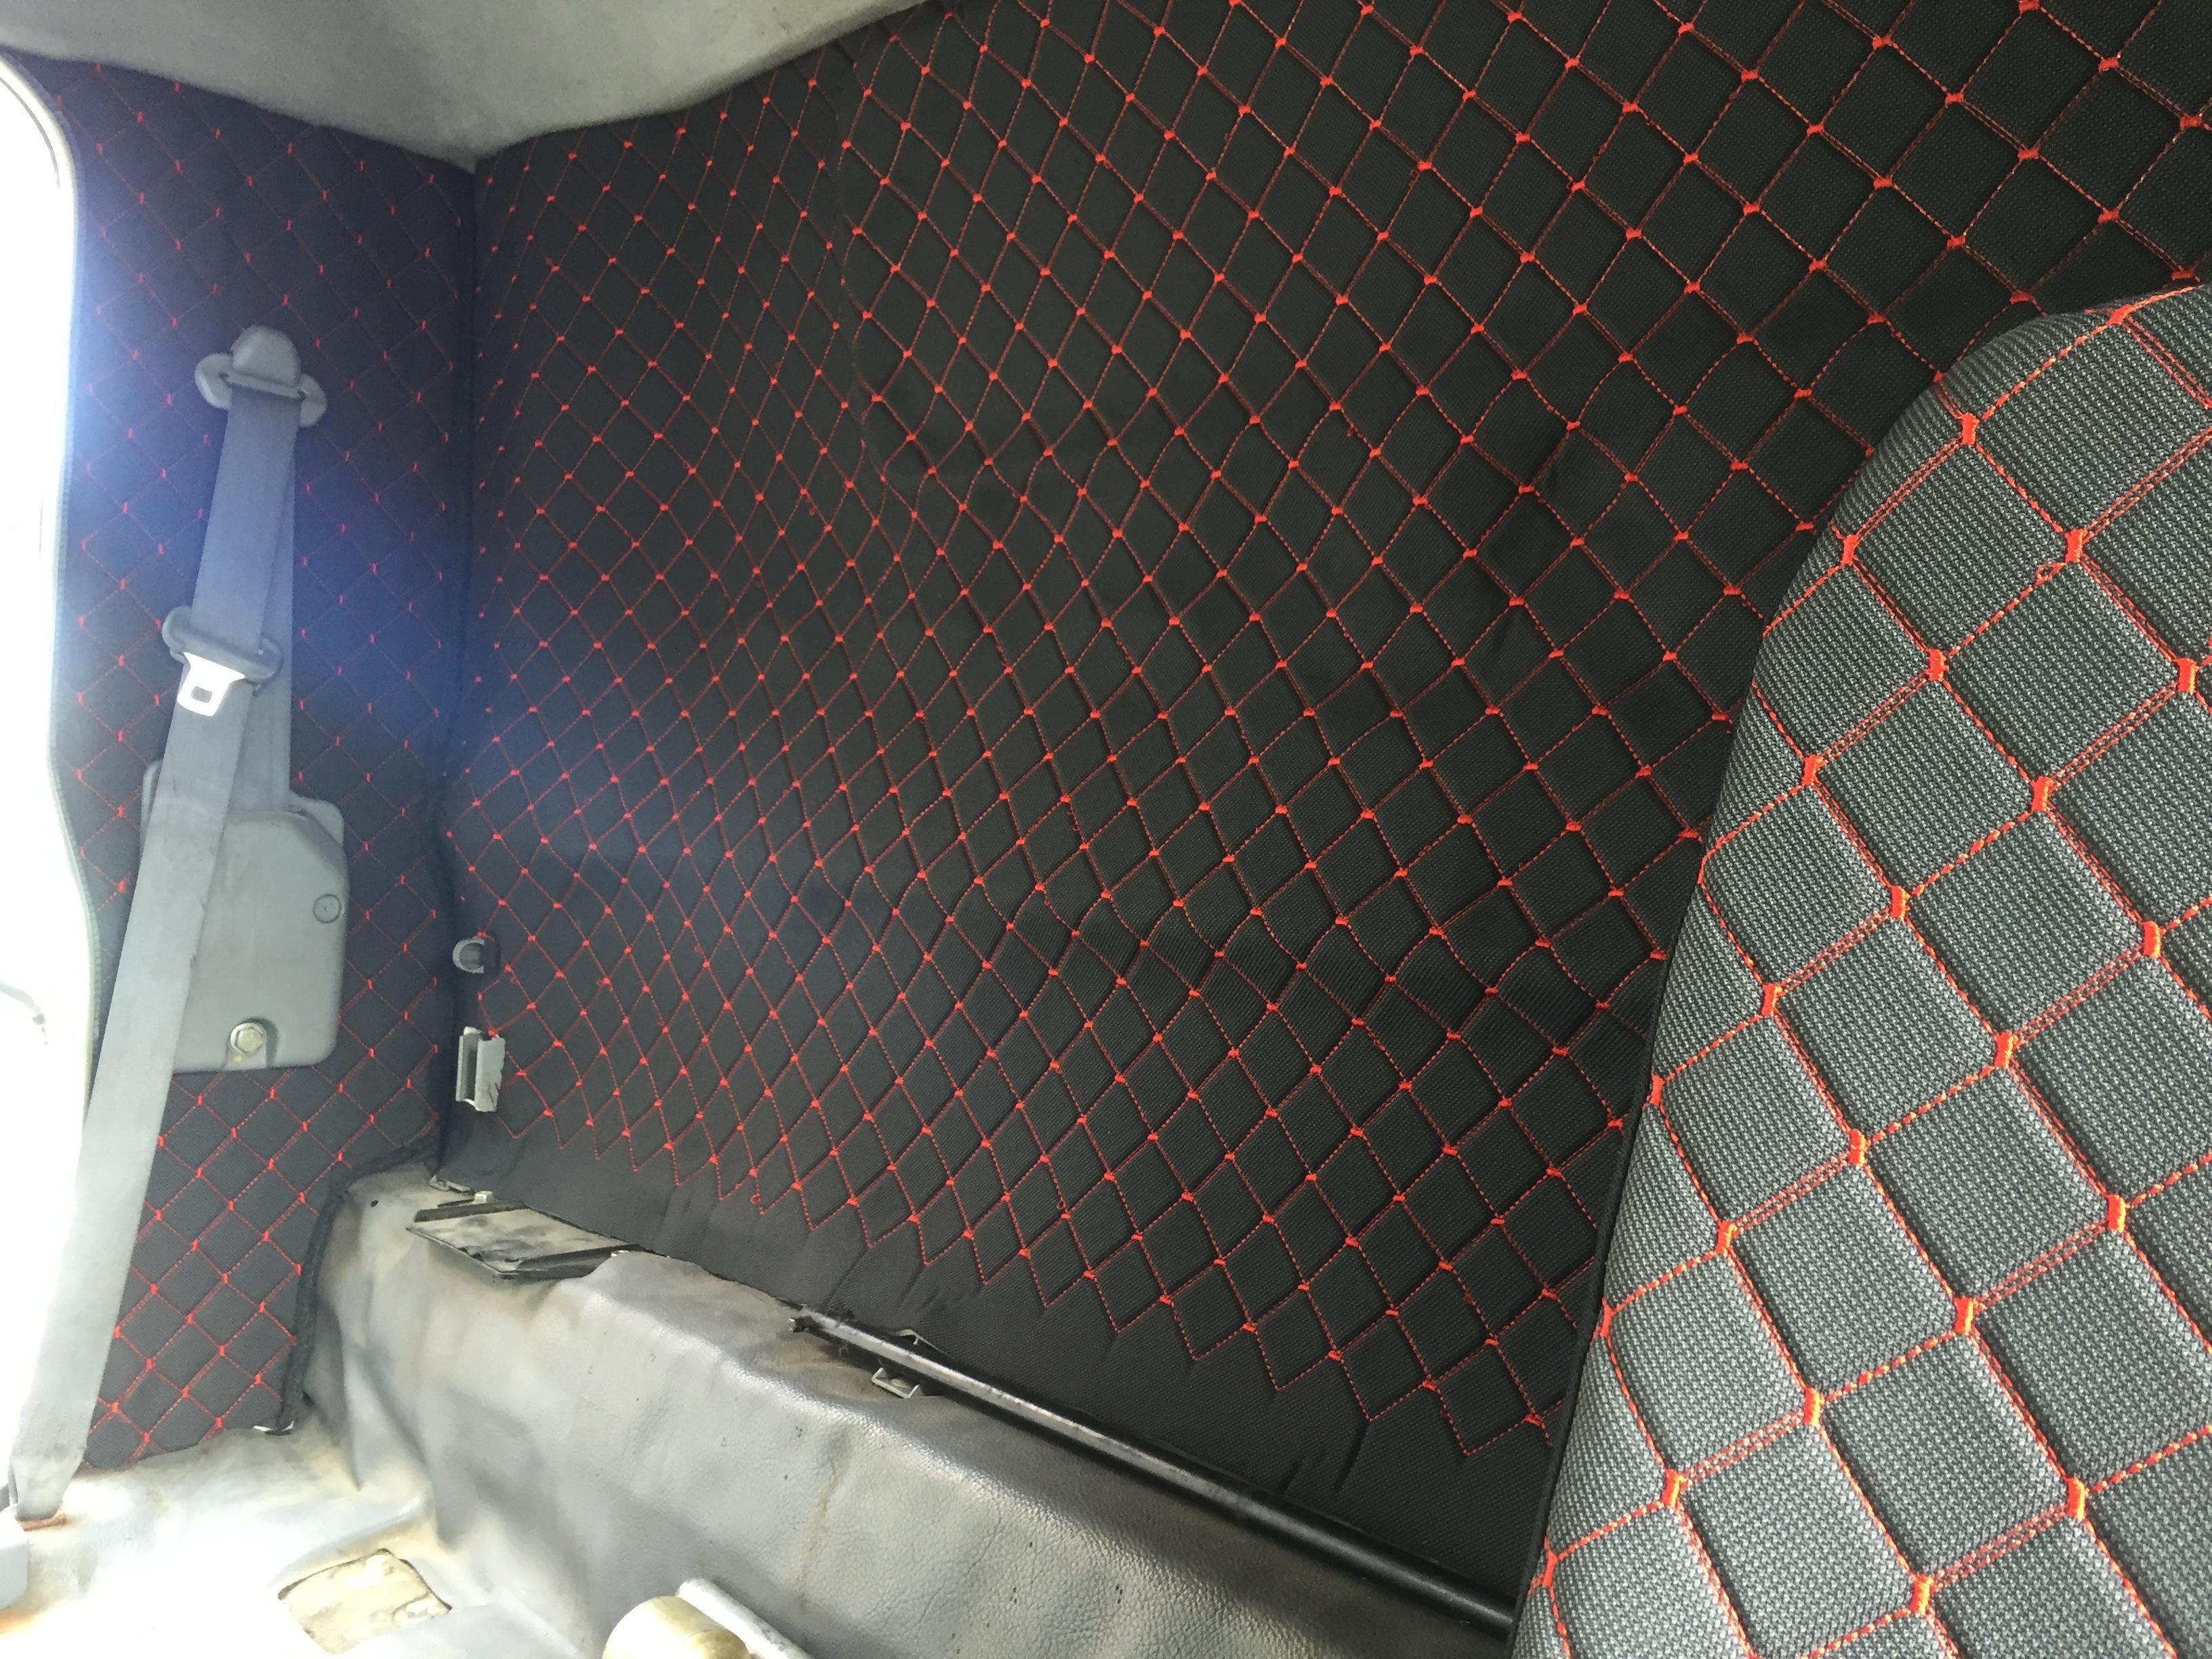 Mitsubishi fuso arka panel kaplama